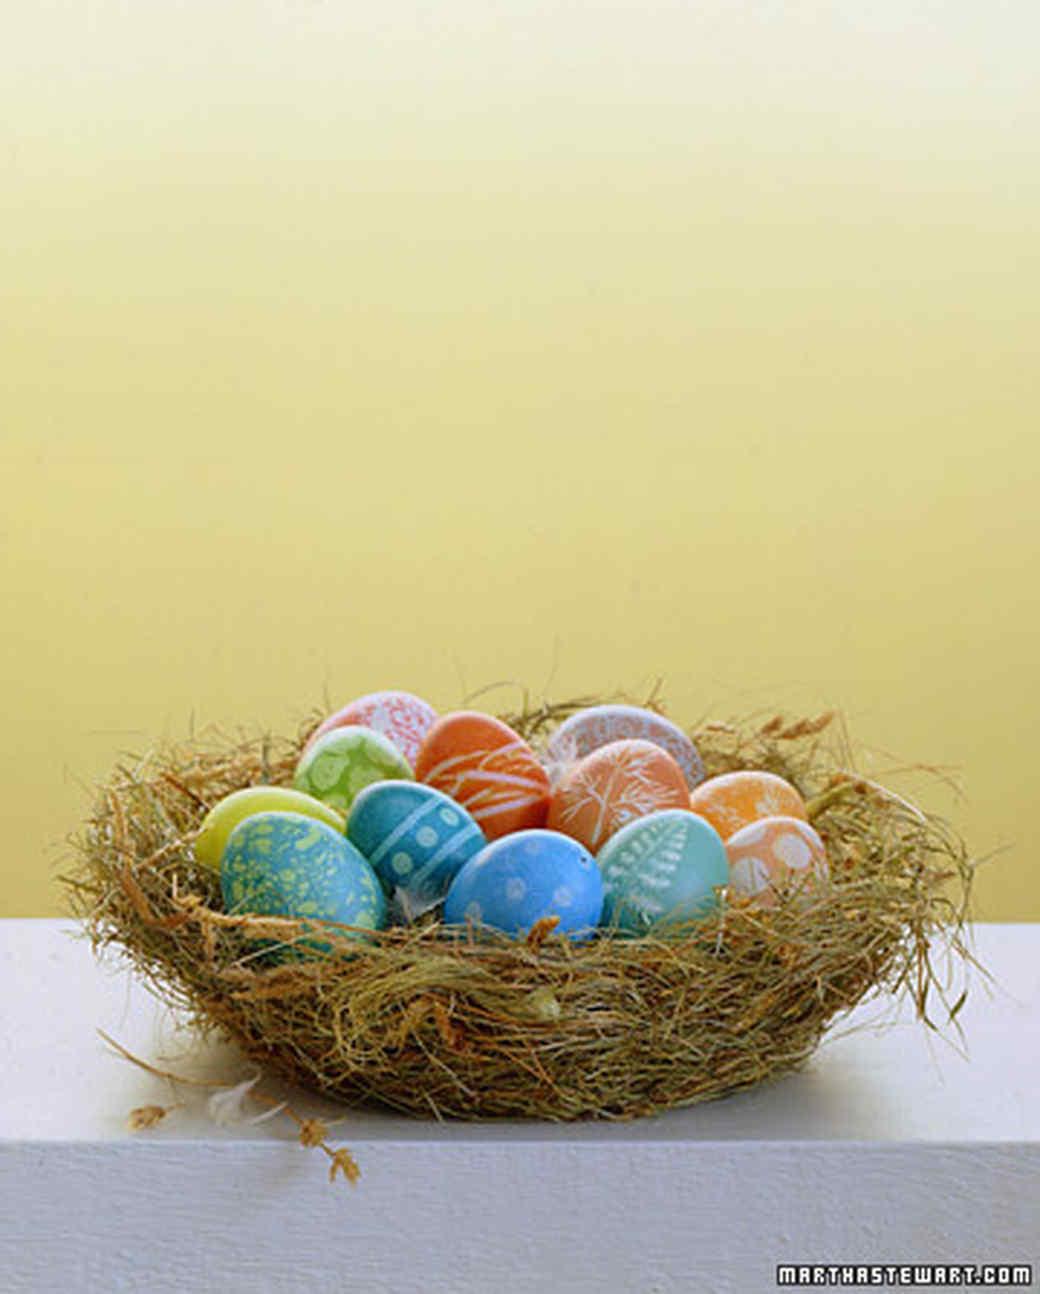 Egg-Dyeing Basics